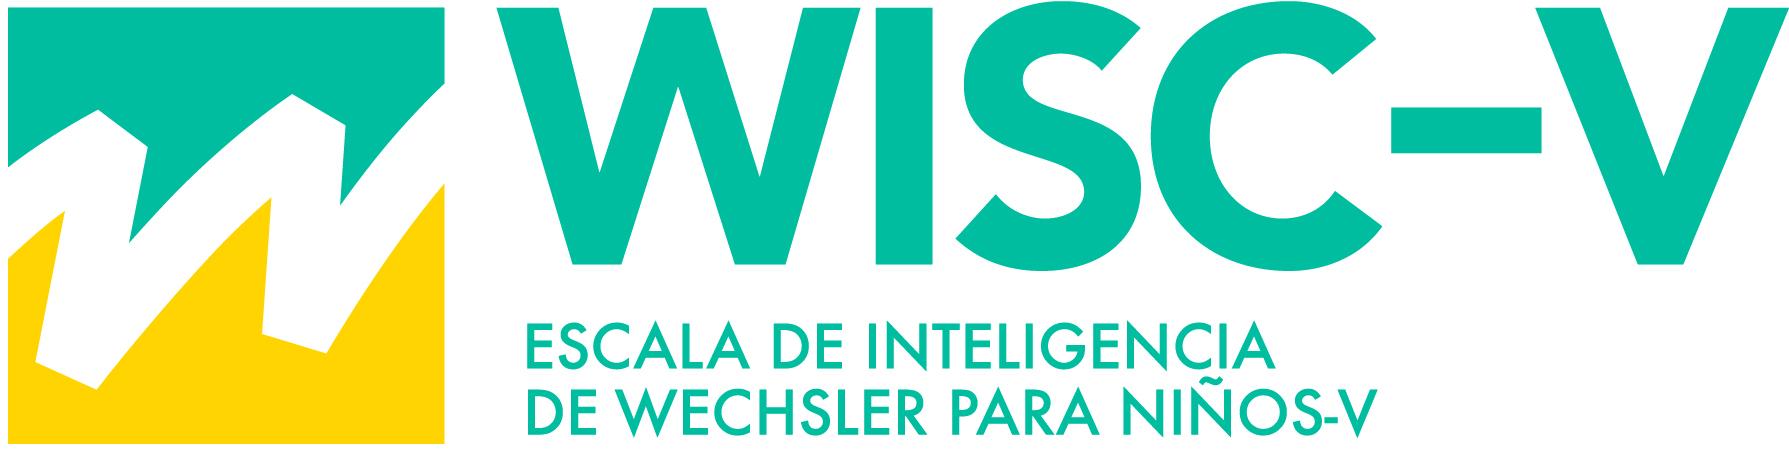 WISCV_Logo_Espa_a